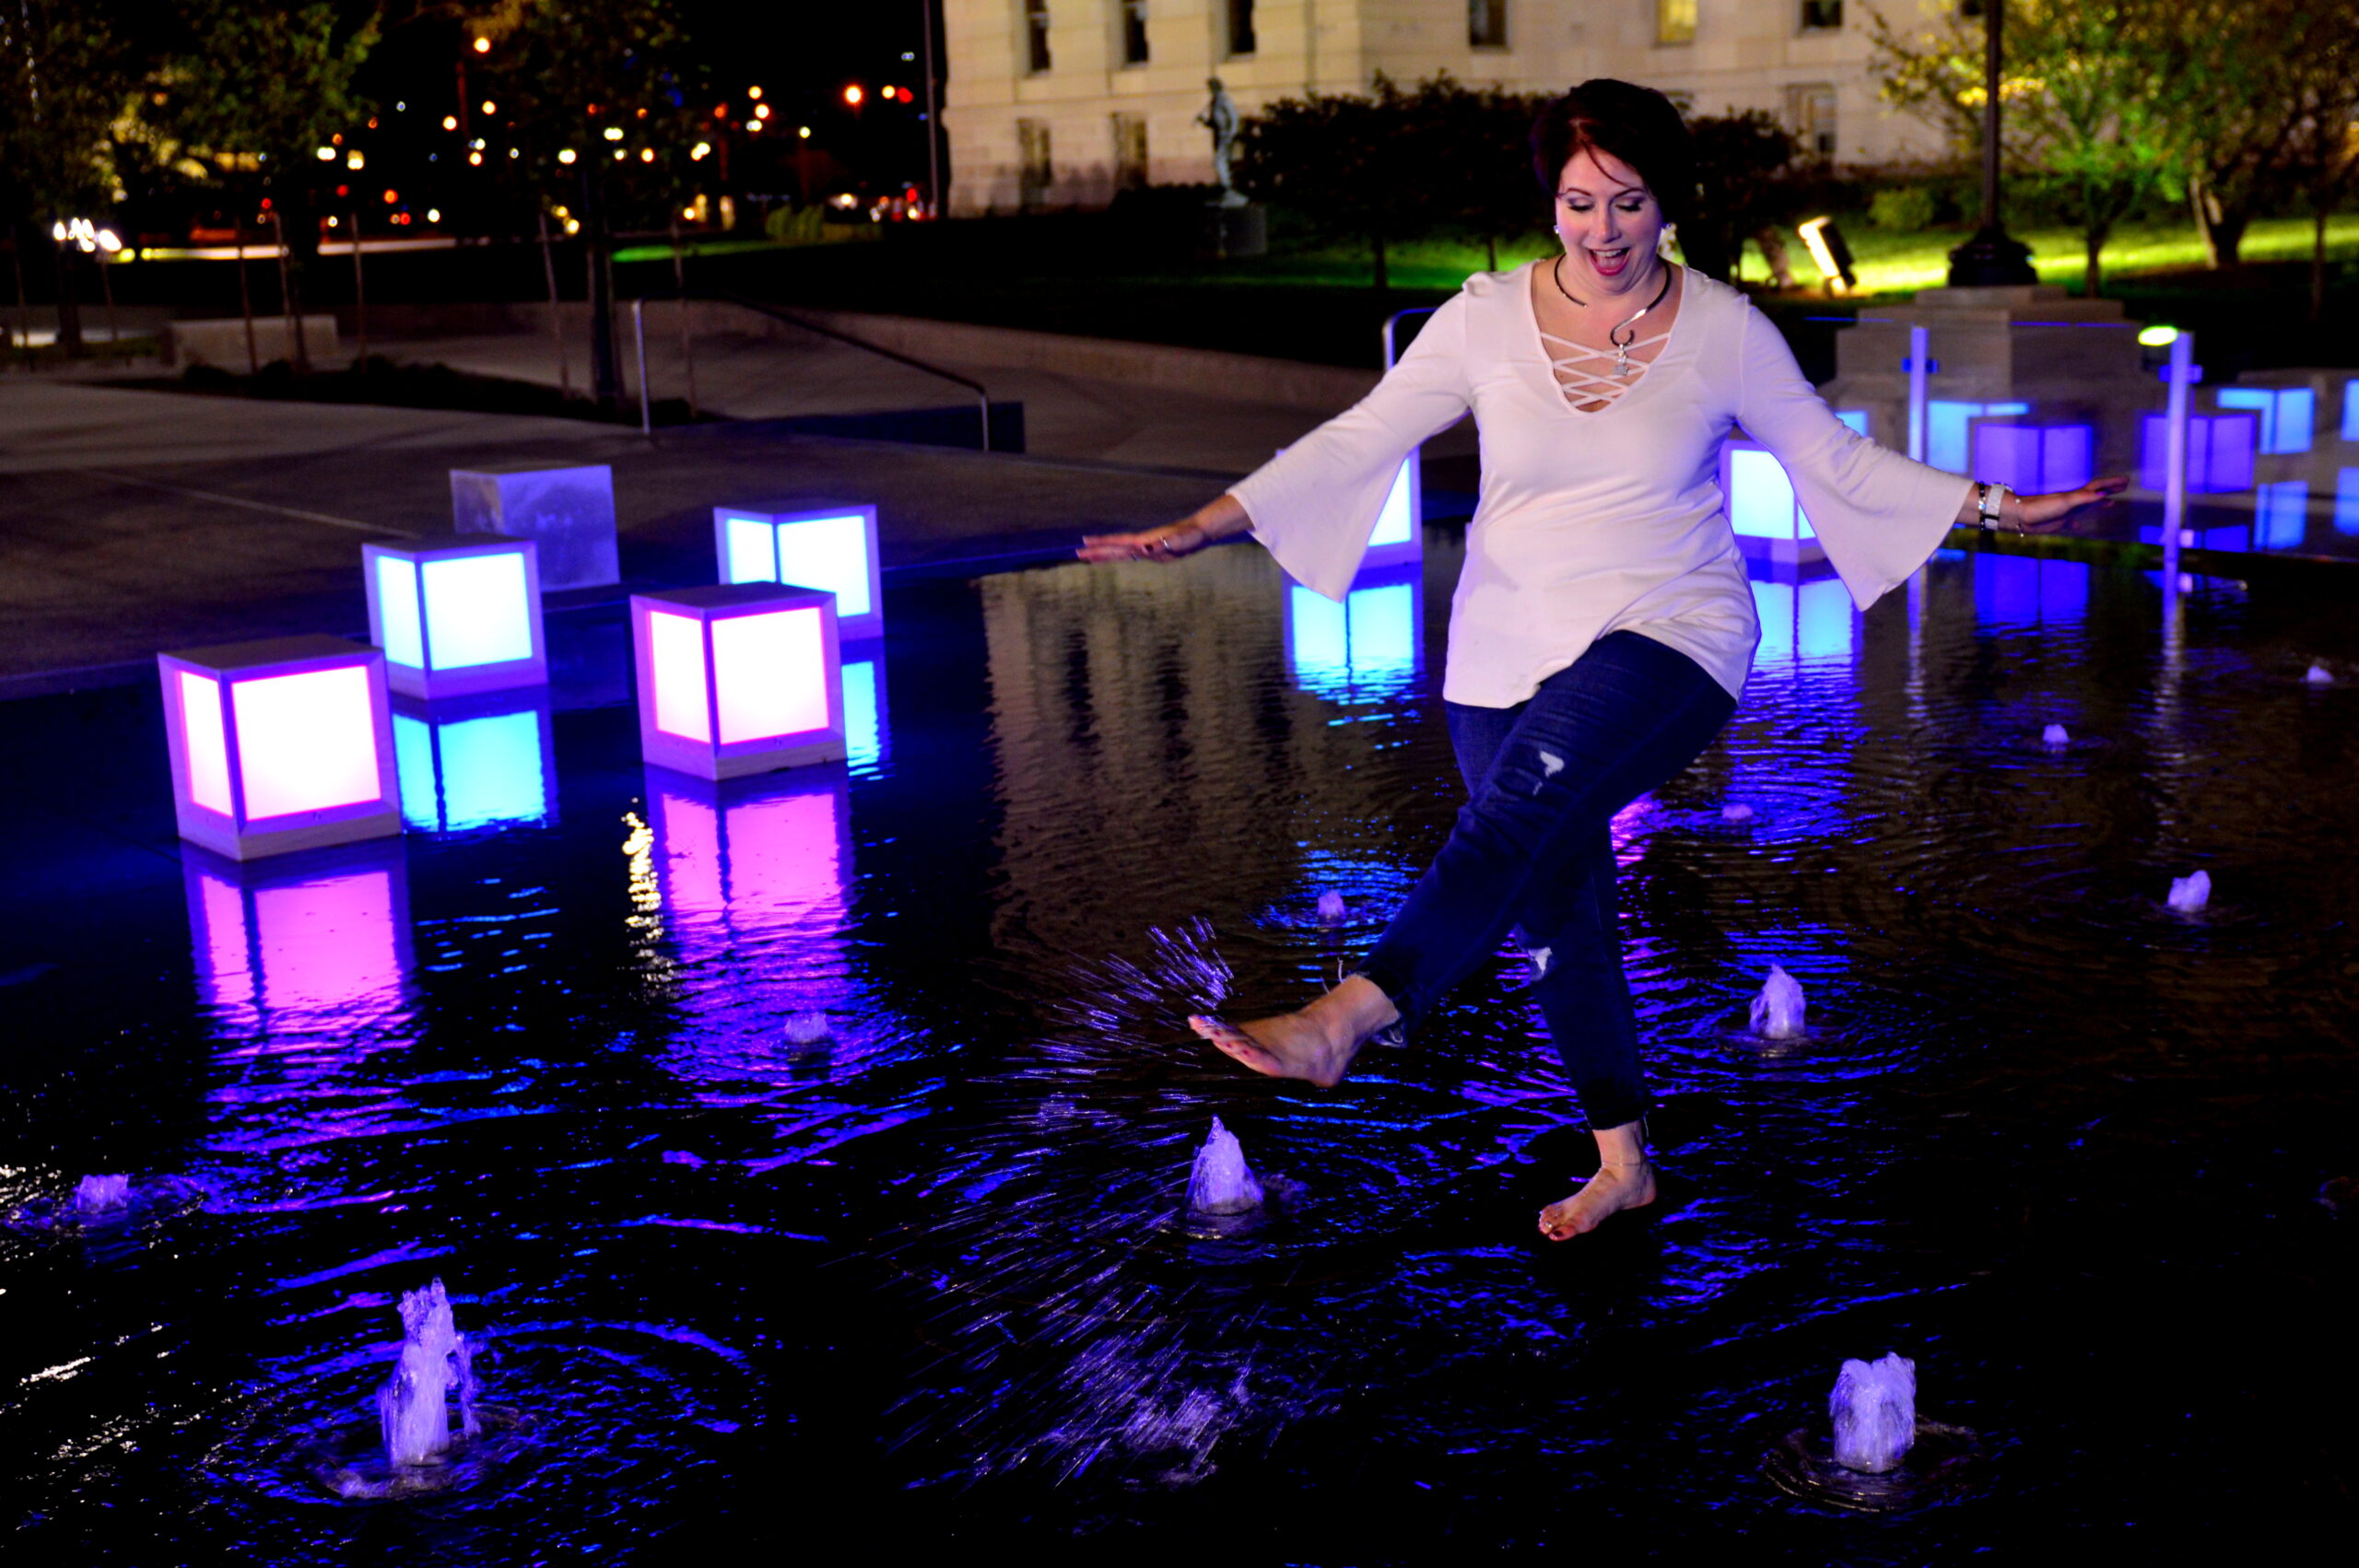 Karmen Fink playing in water